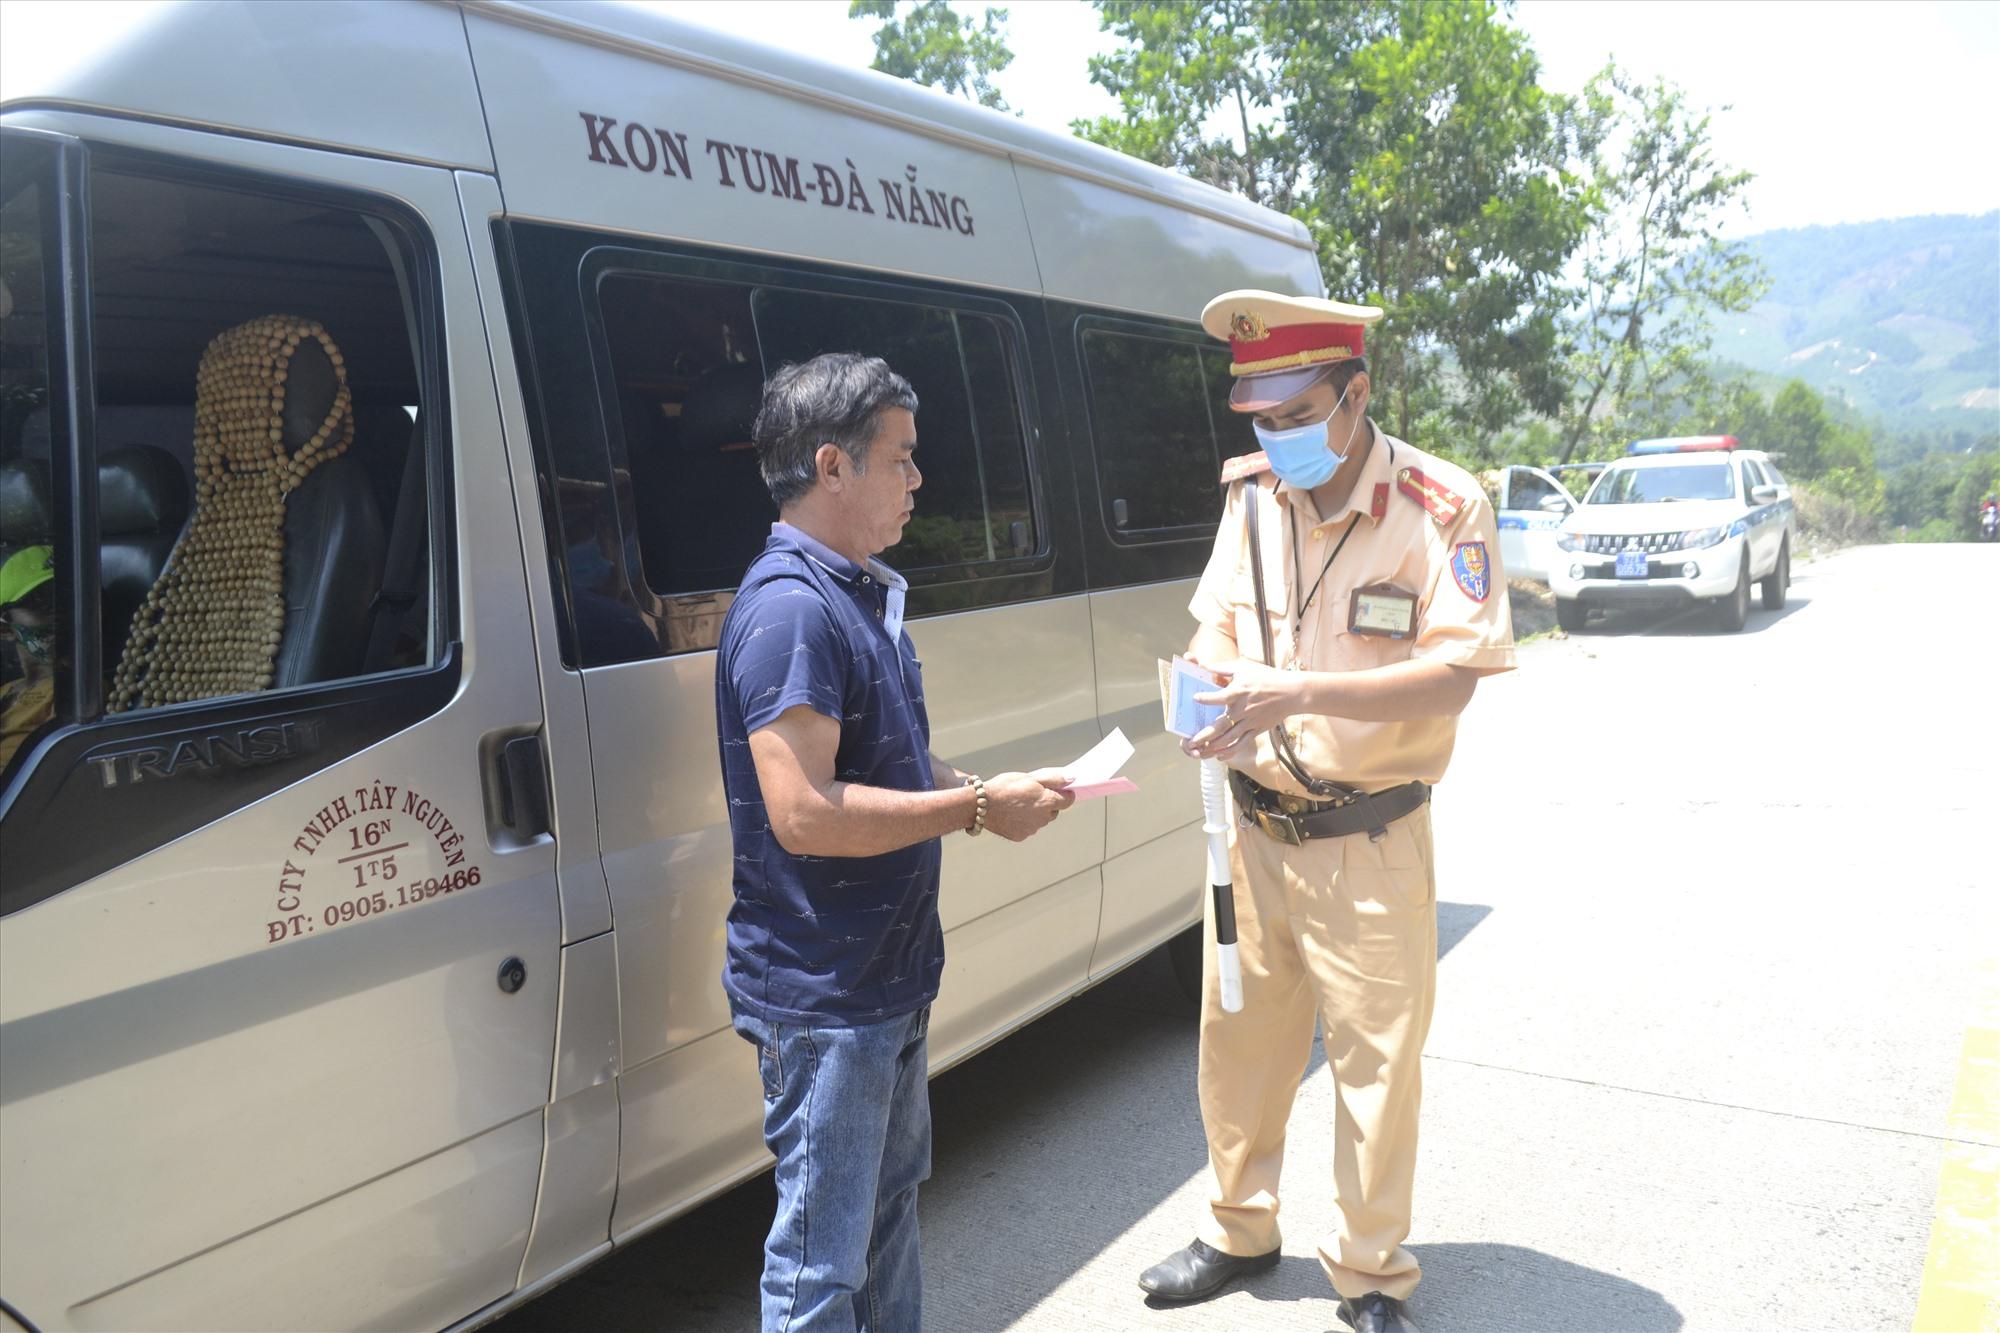 CSGT Công an tỉnh kiểm soát phương tiện xe khách trên đường Hồ Chí Minh qua địa bàn Phước Sơn. Ảnh: C.T